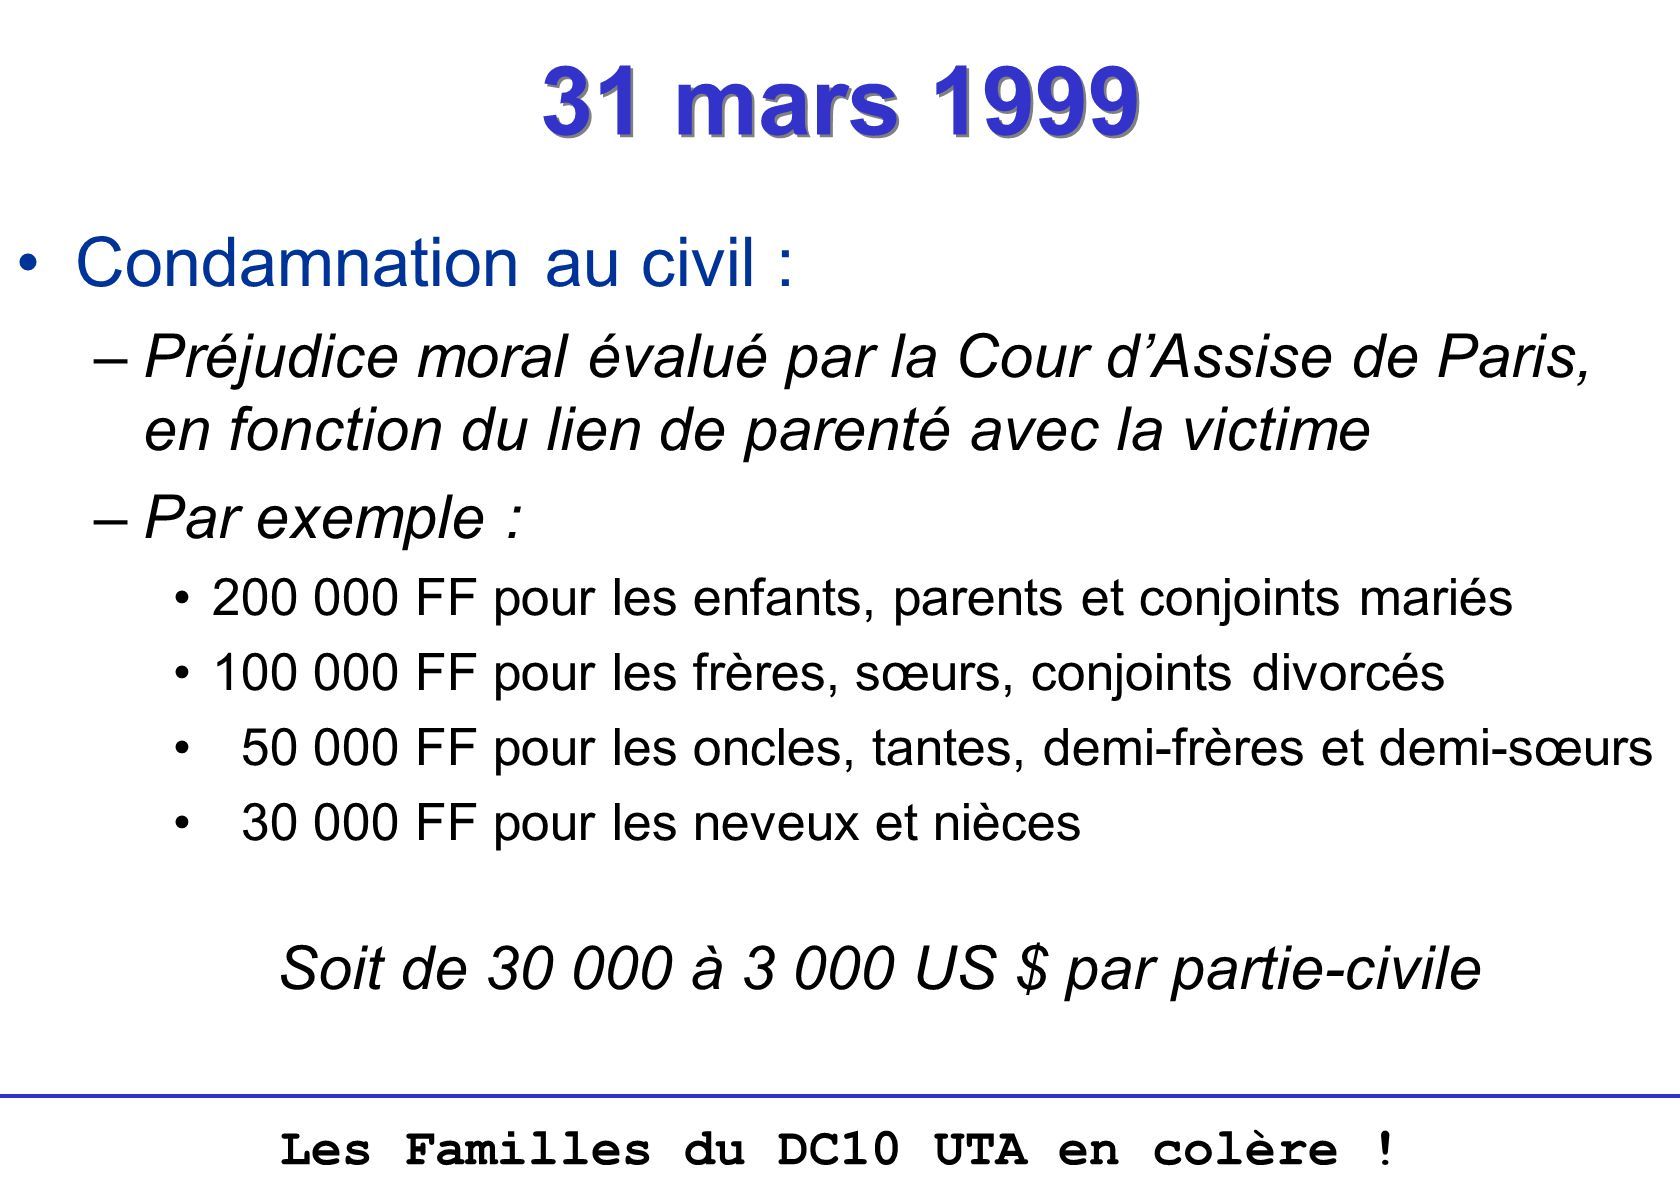 Soit de 30 000 à 3 000 US $ par partie-civile